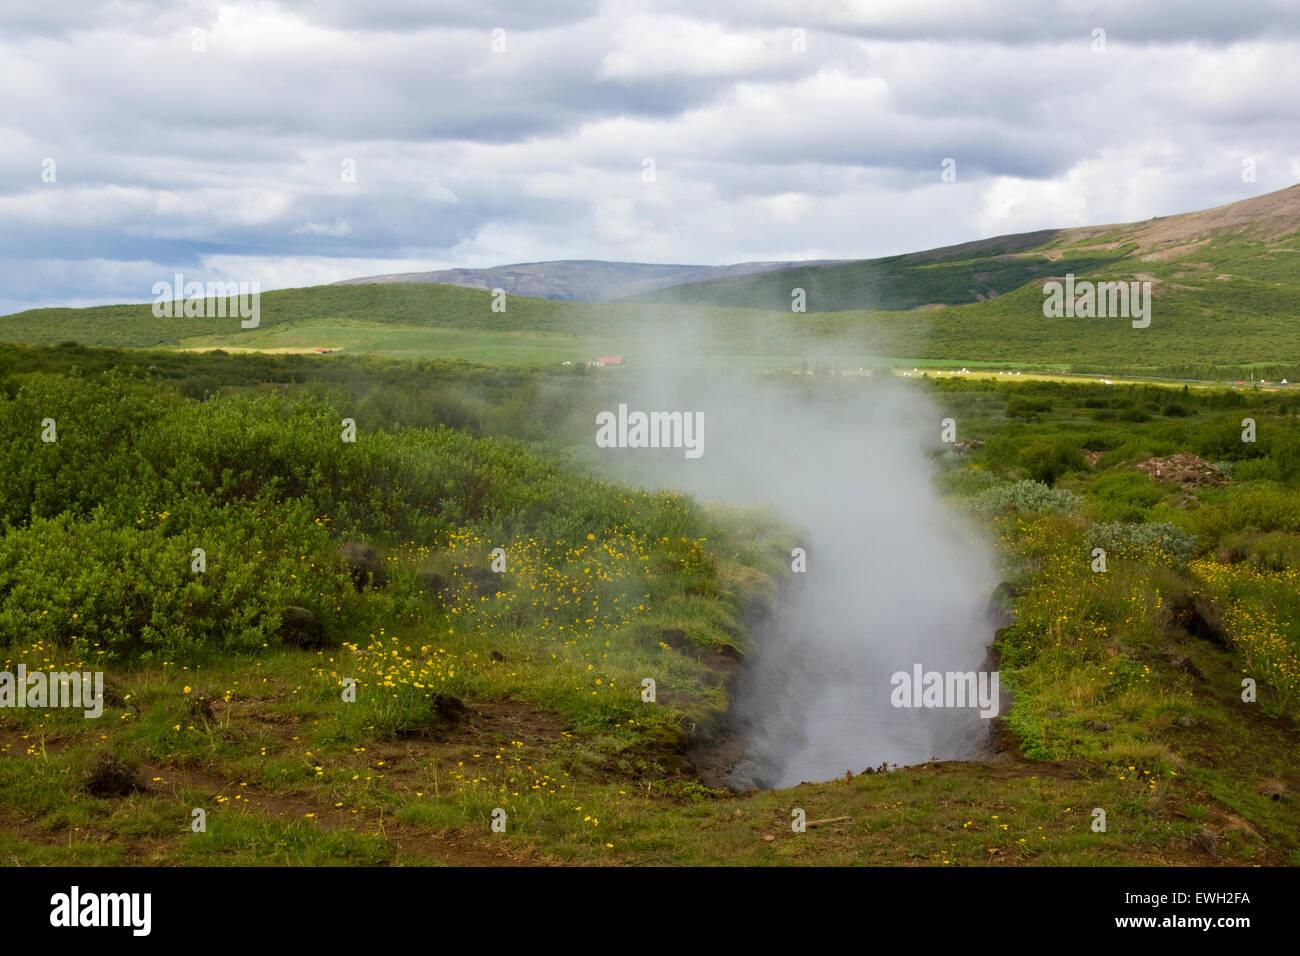 Primavera calda nel sud-ovest dell'Islanda Immagini Stock